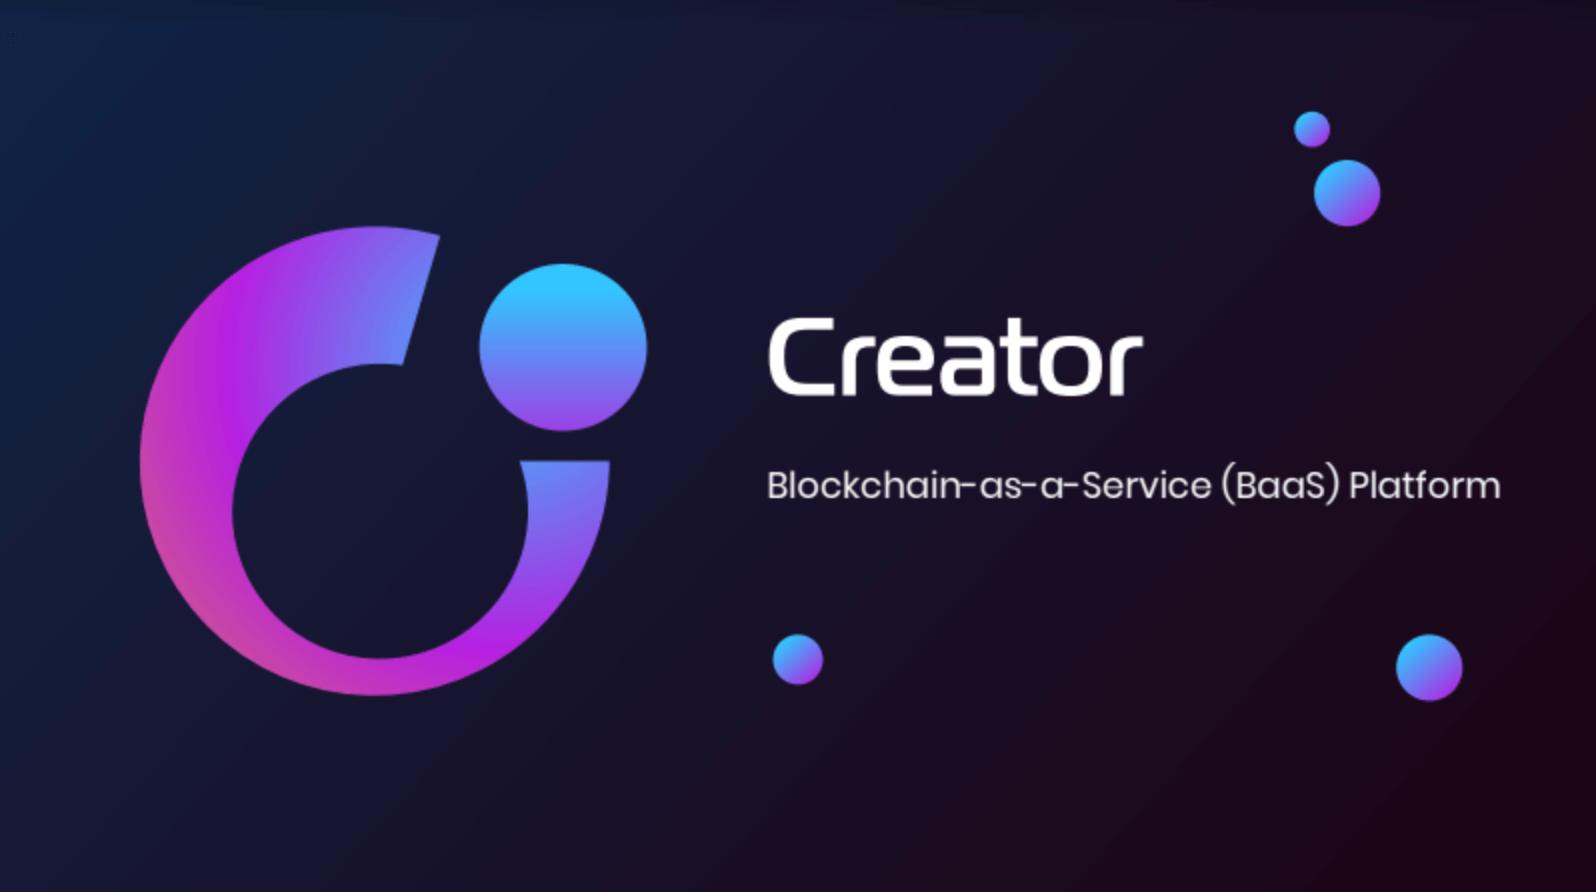 www.creatorchain.network